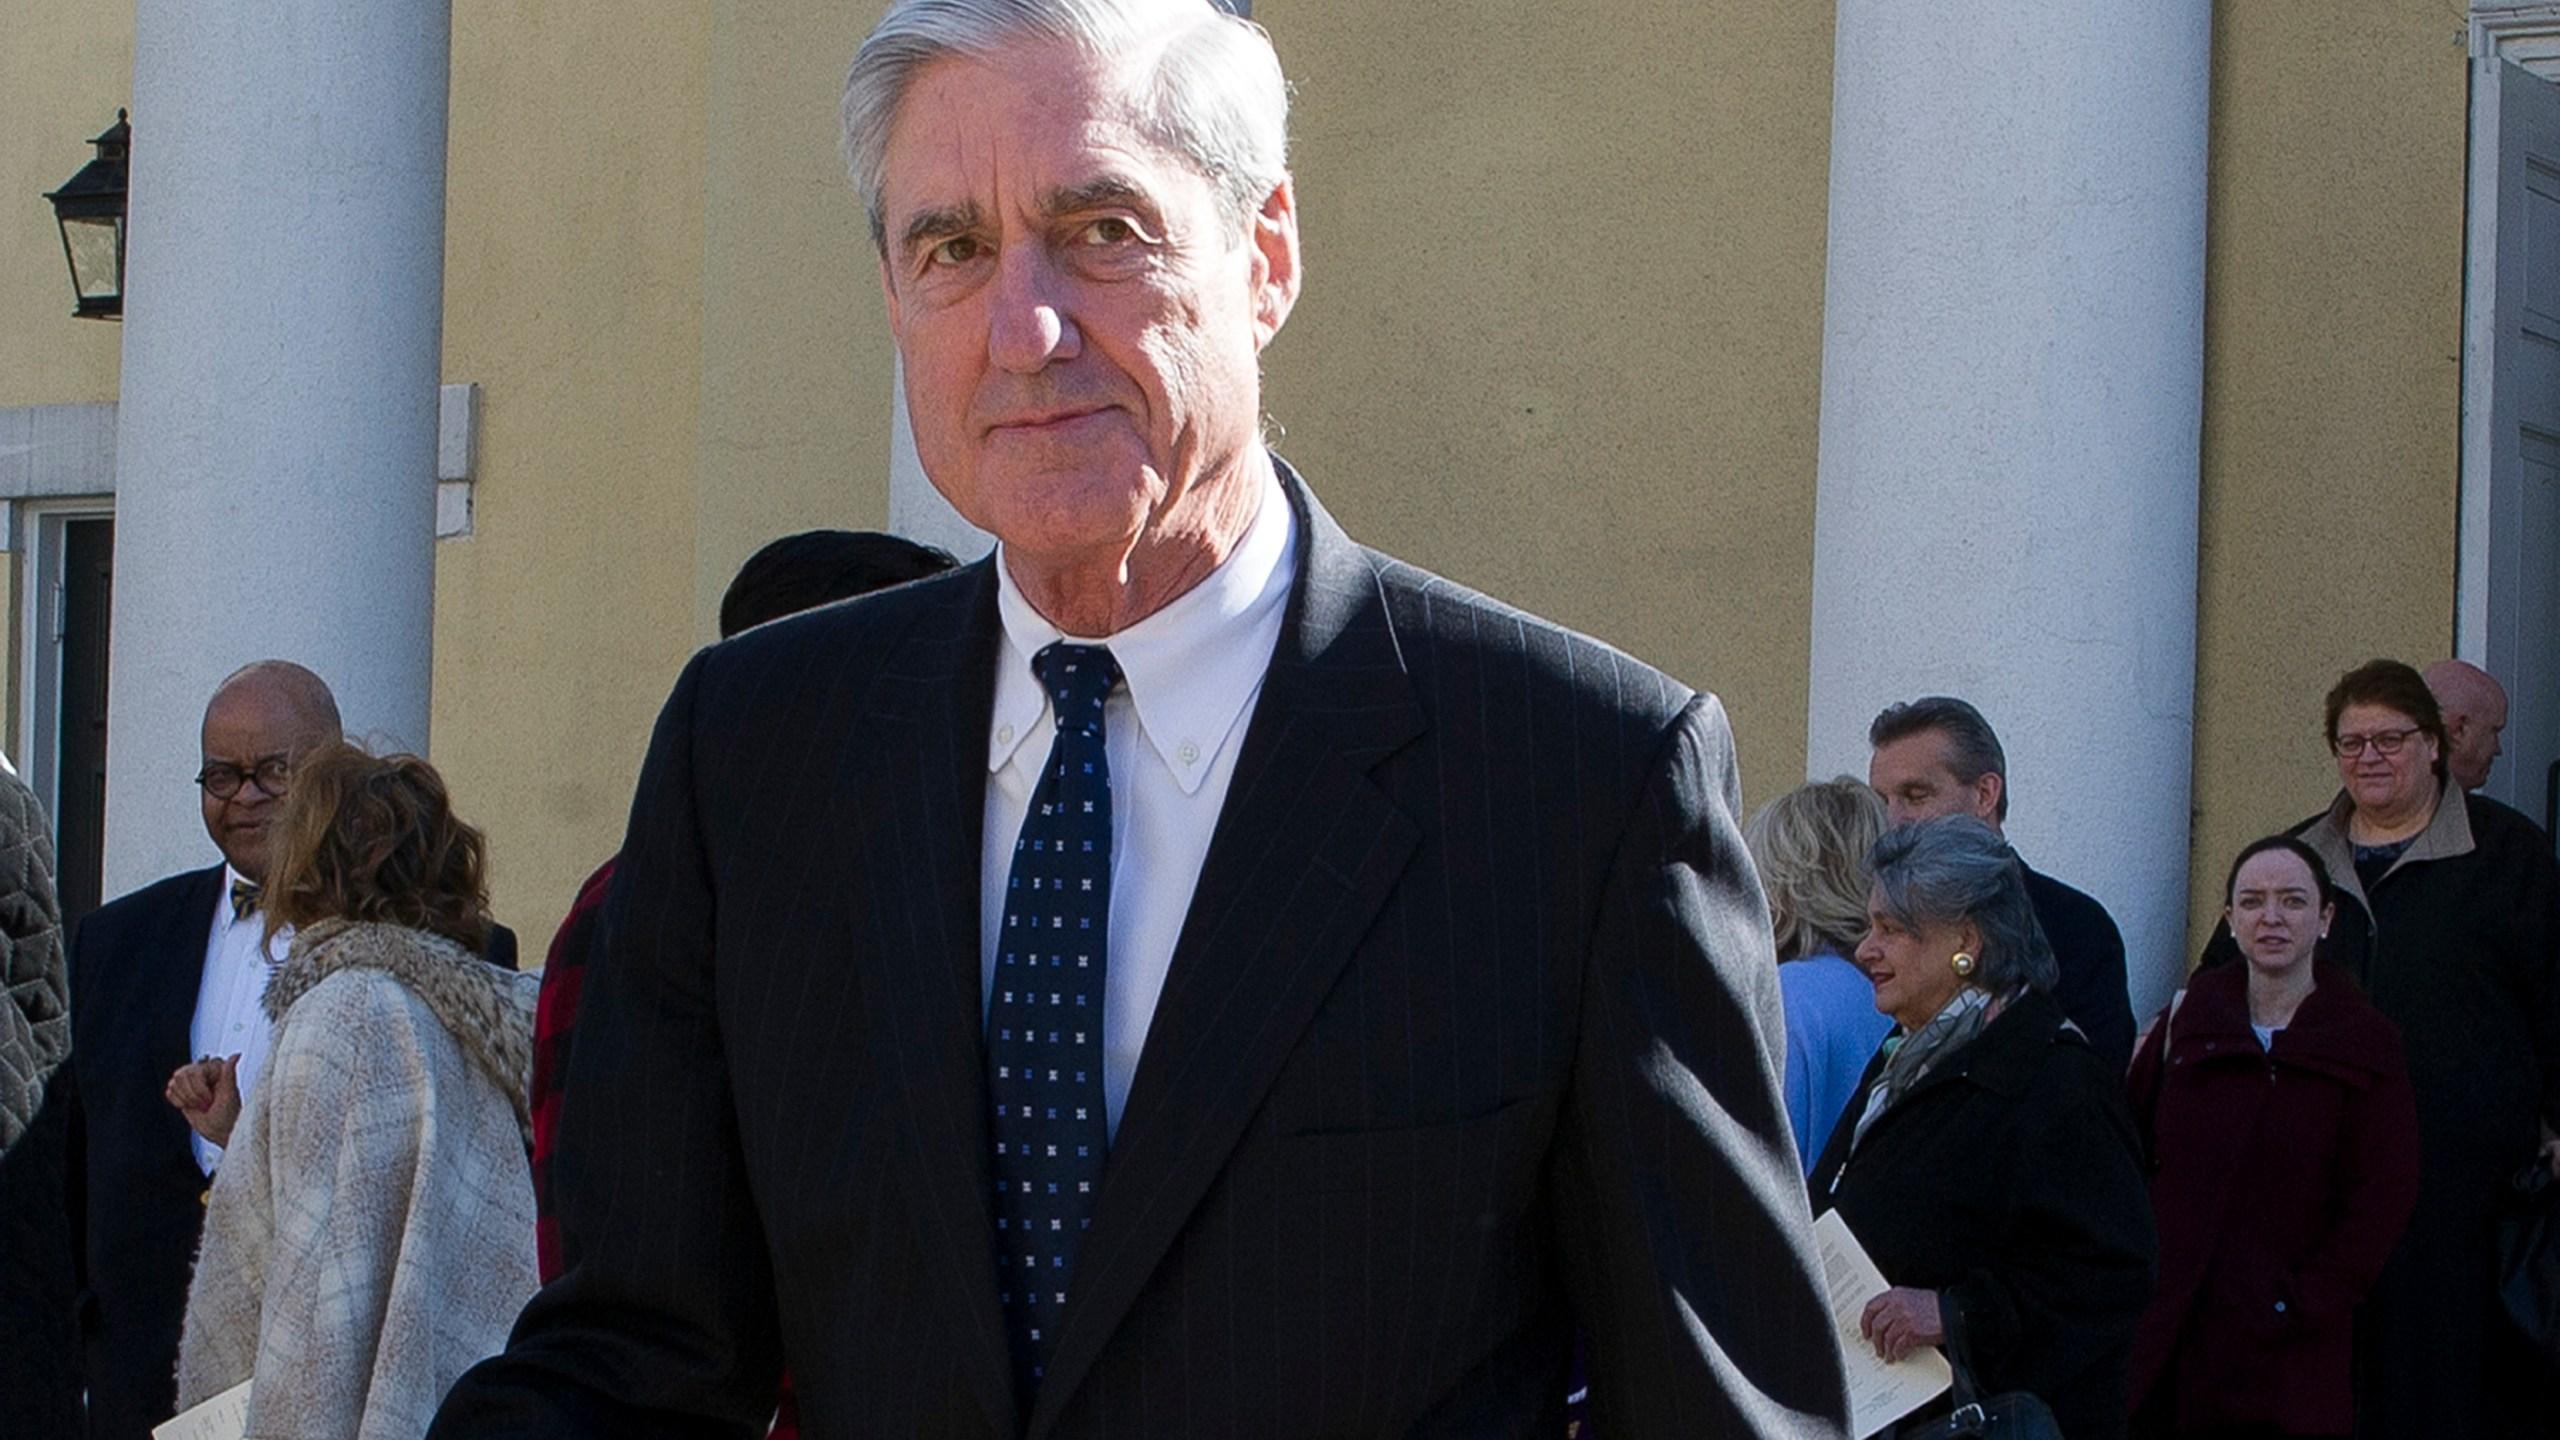 Mueller_The_Evidence_28016-159532.jpg09643523